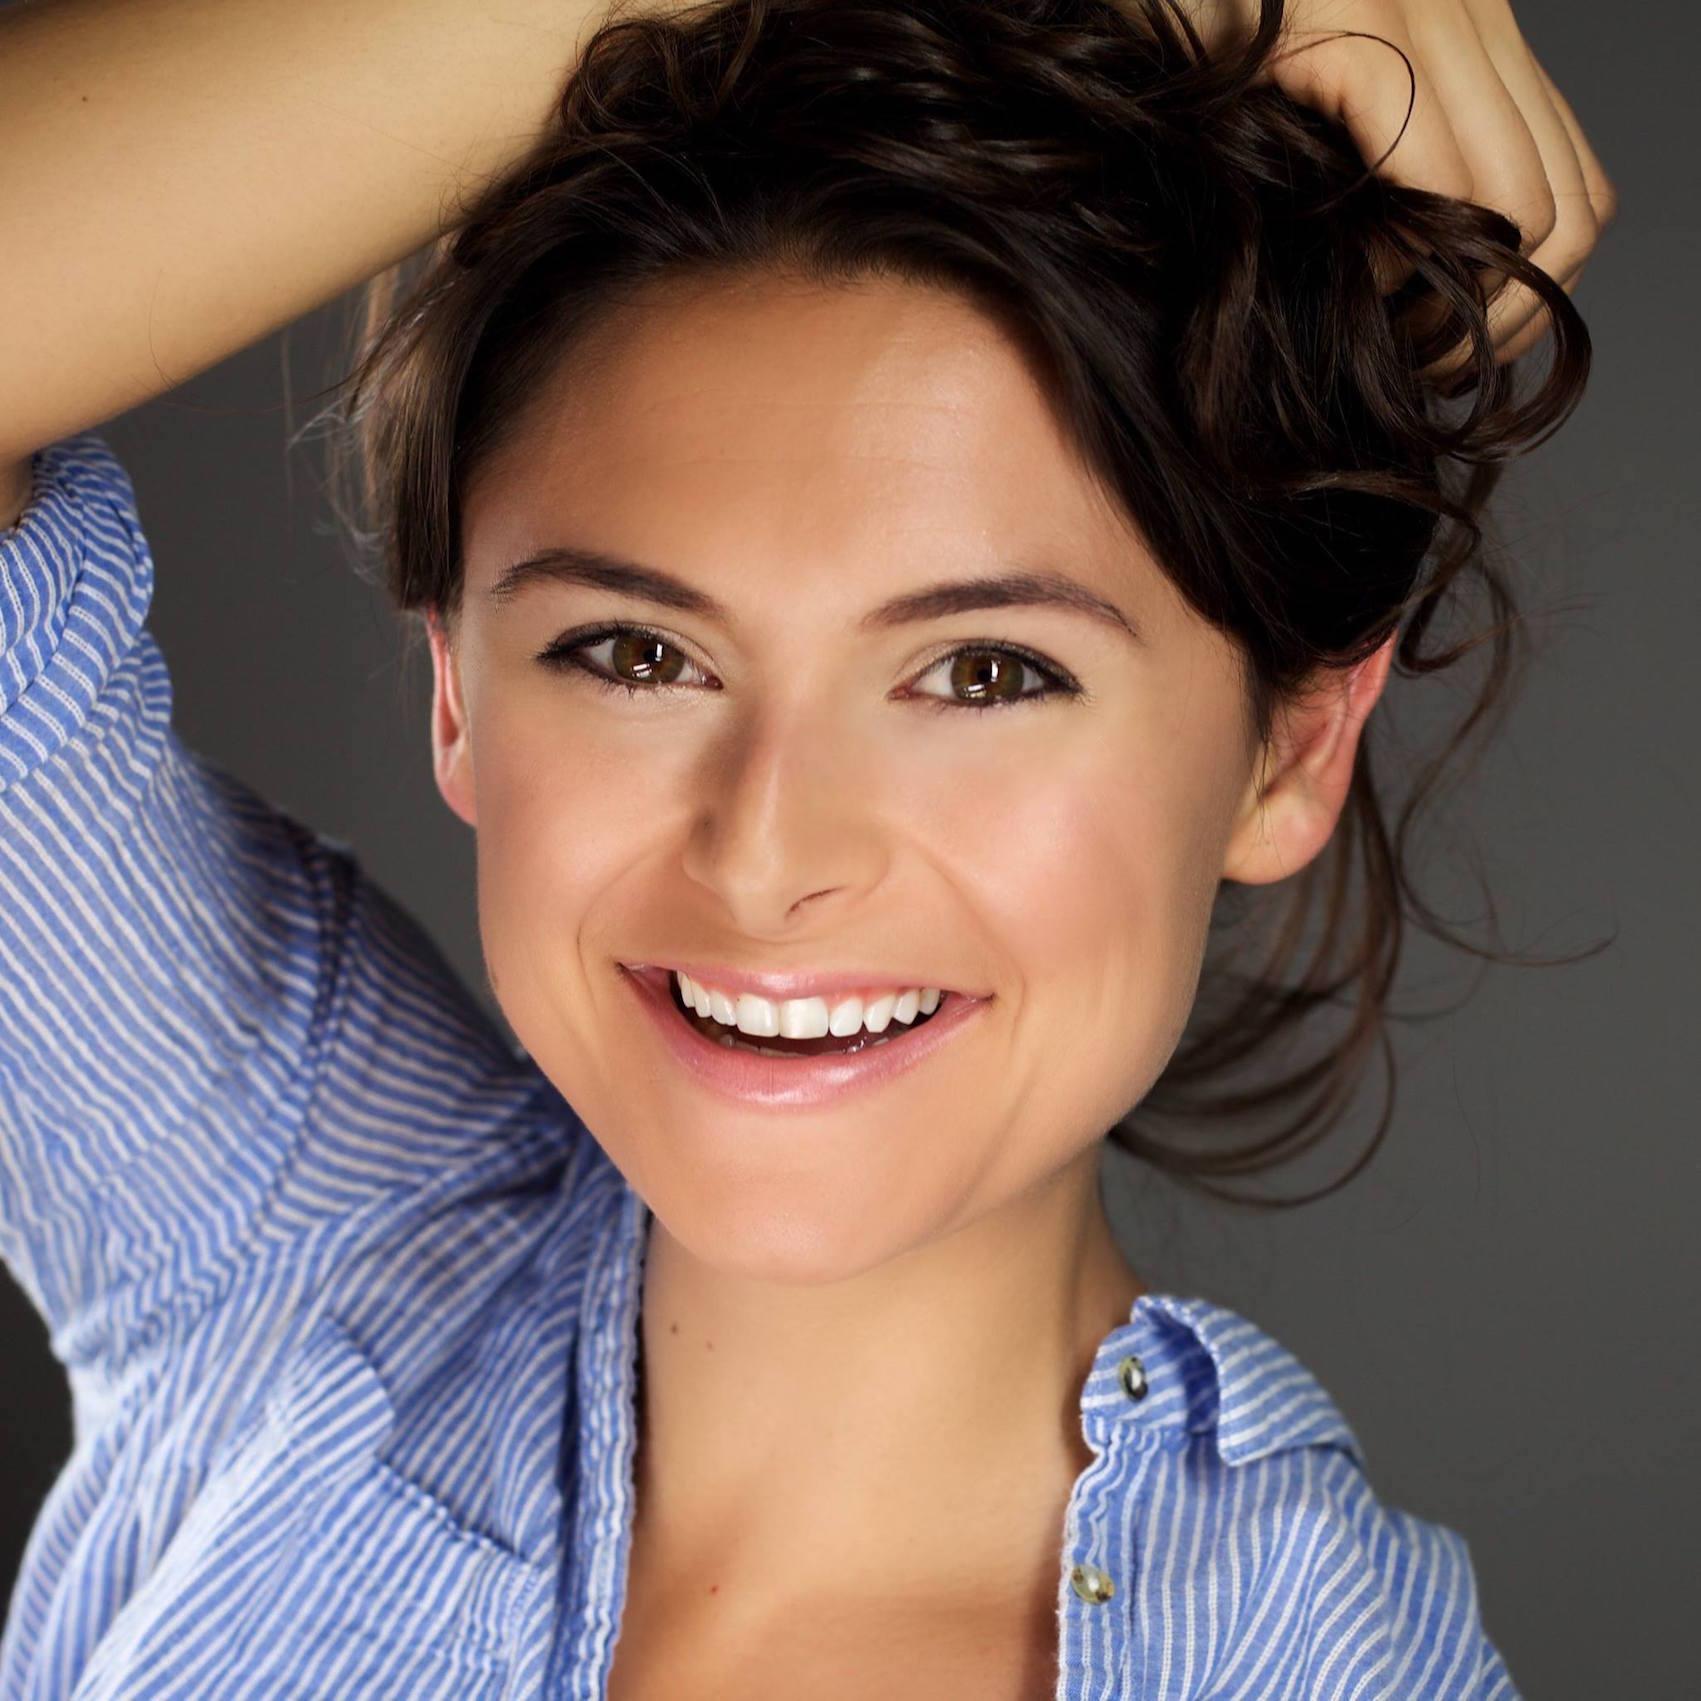 Gina DeCesare